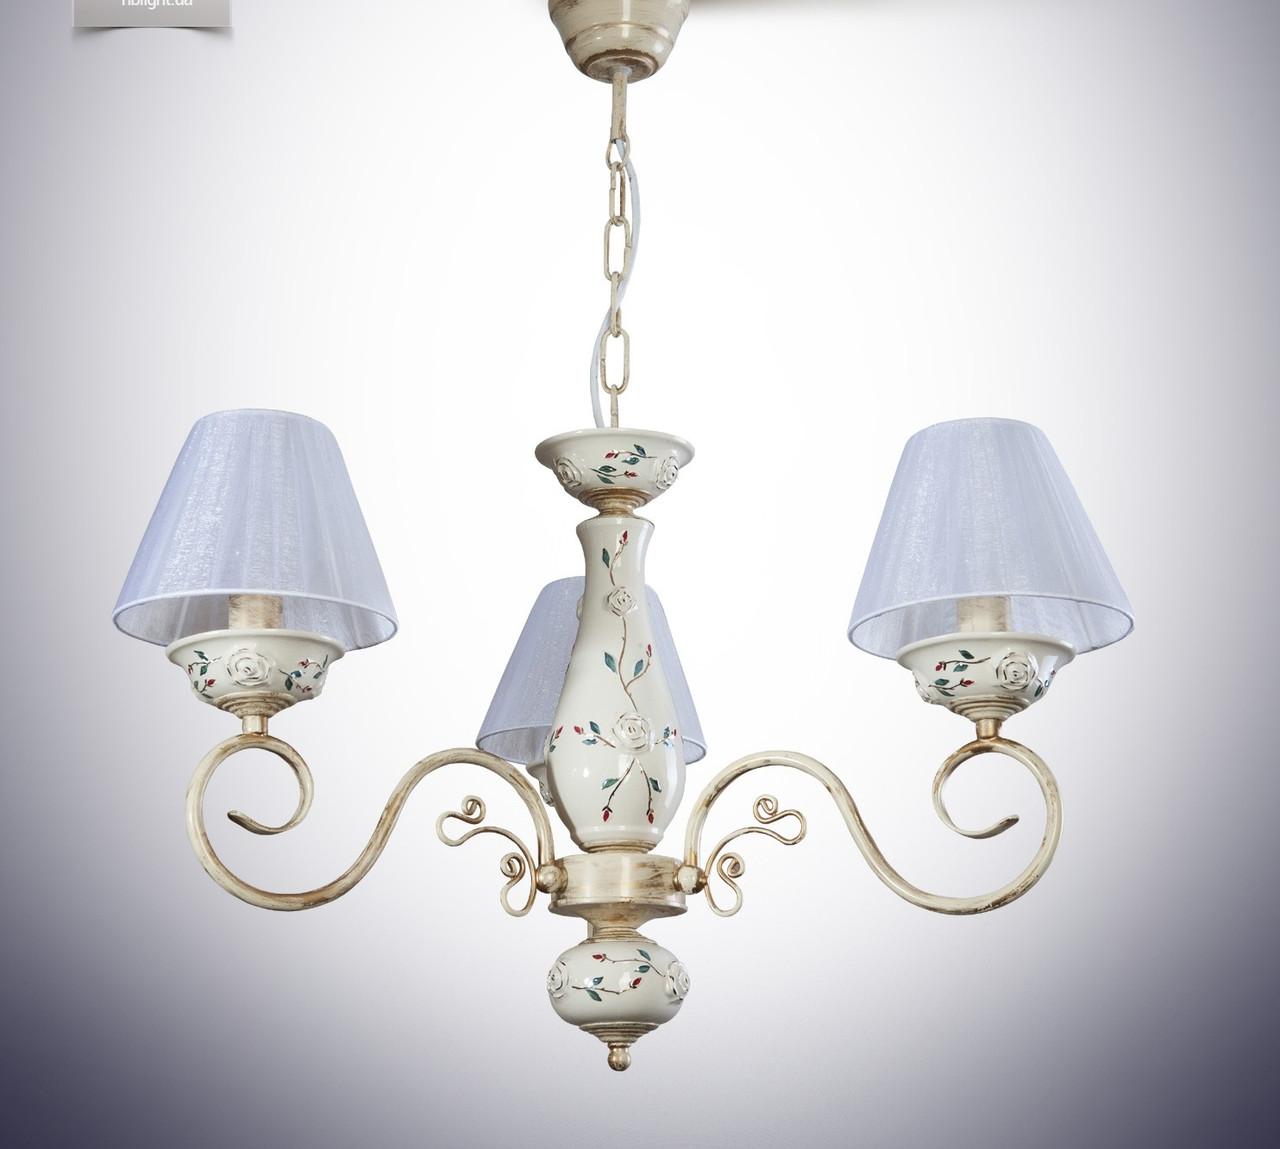 Люстра 3-х ламповая классическая для спальни 10603-1